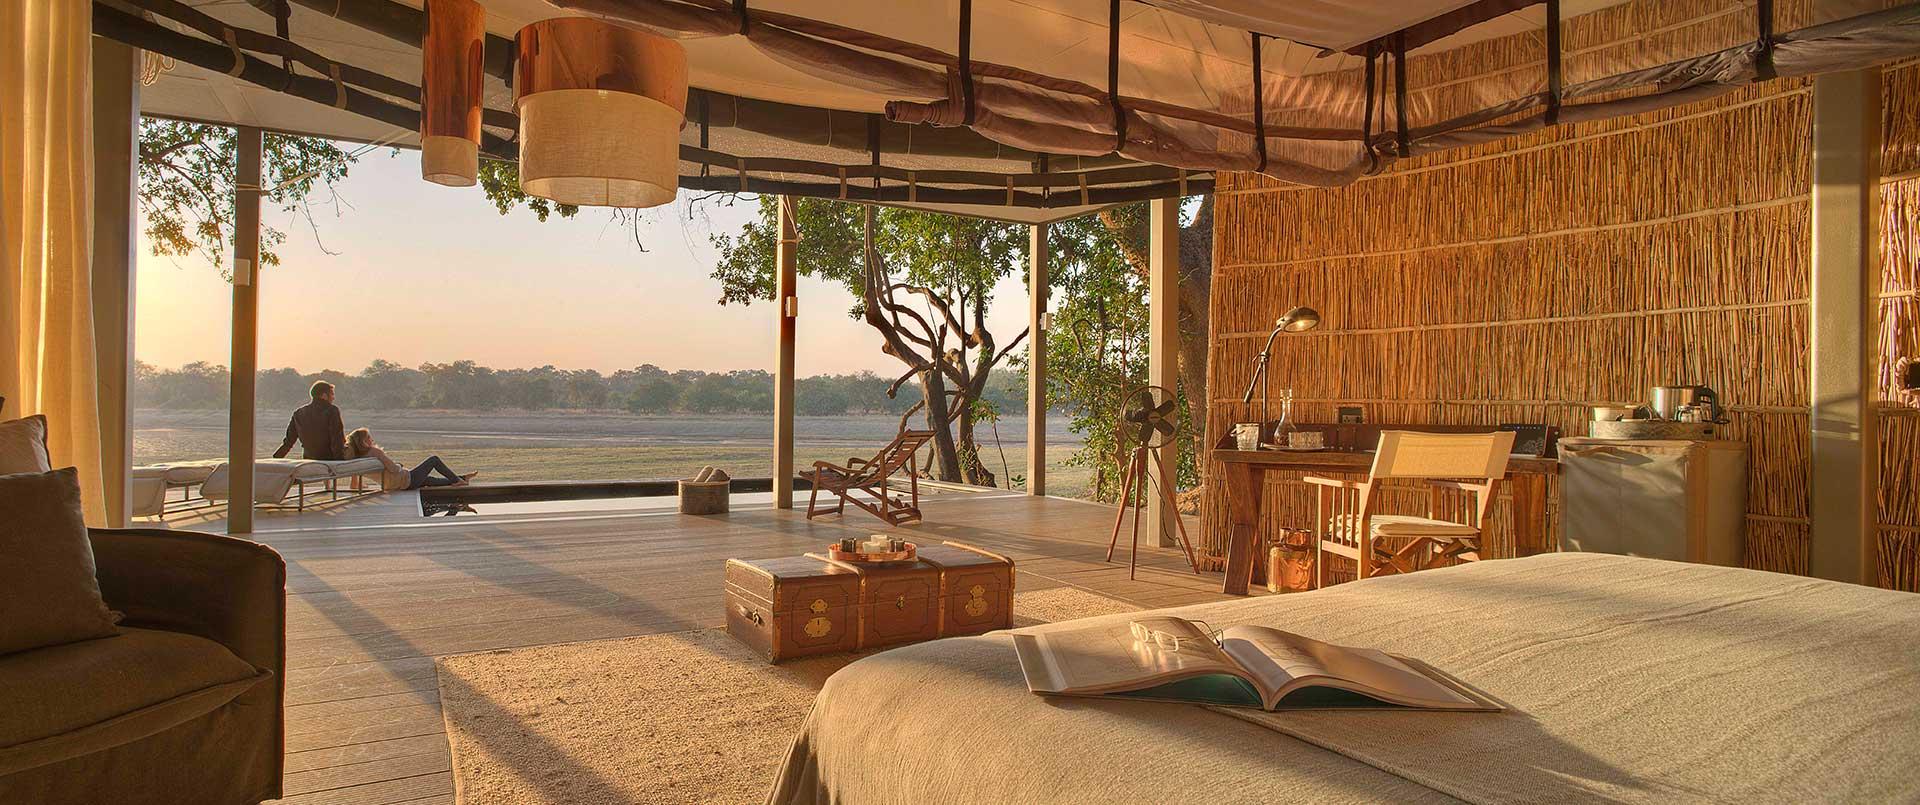 Zambia in Luxury